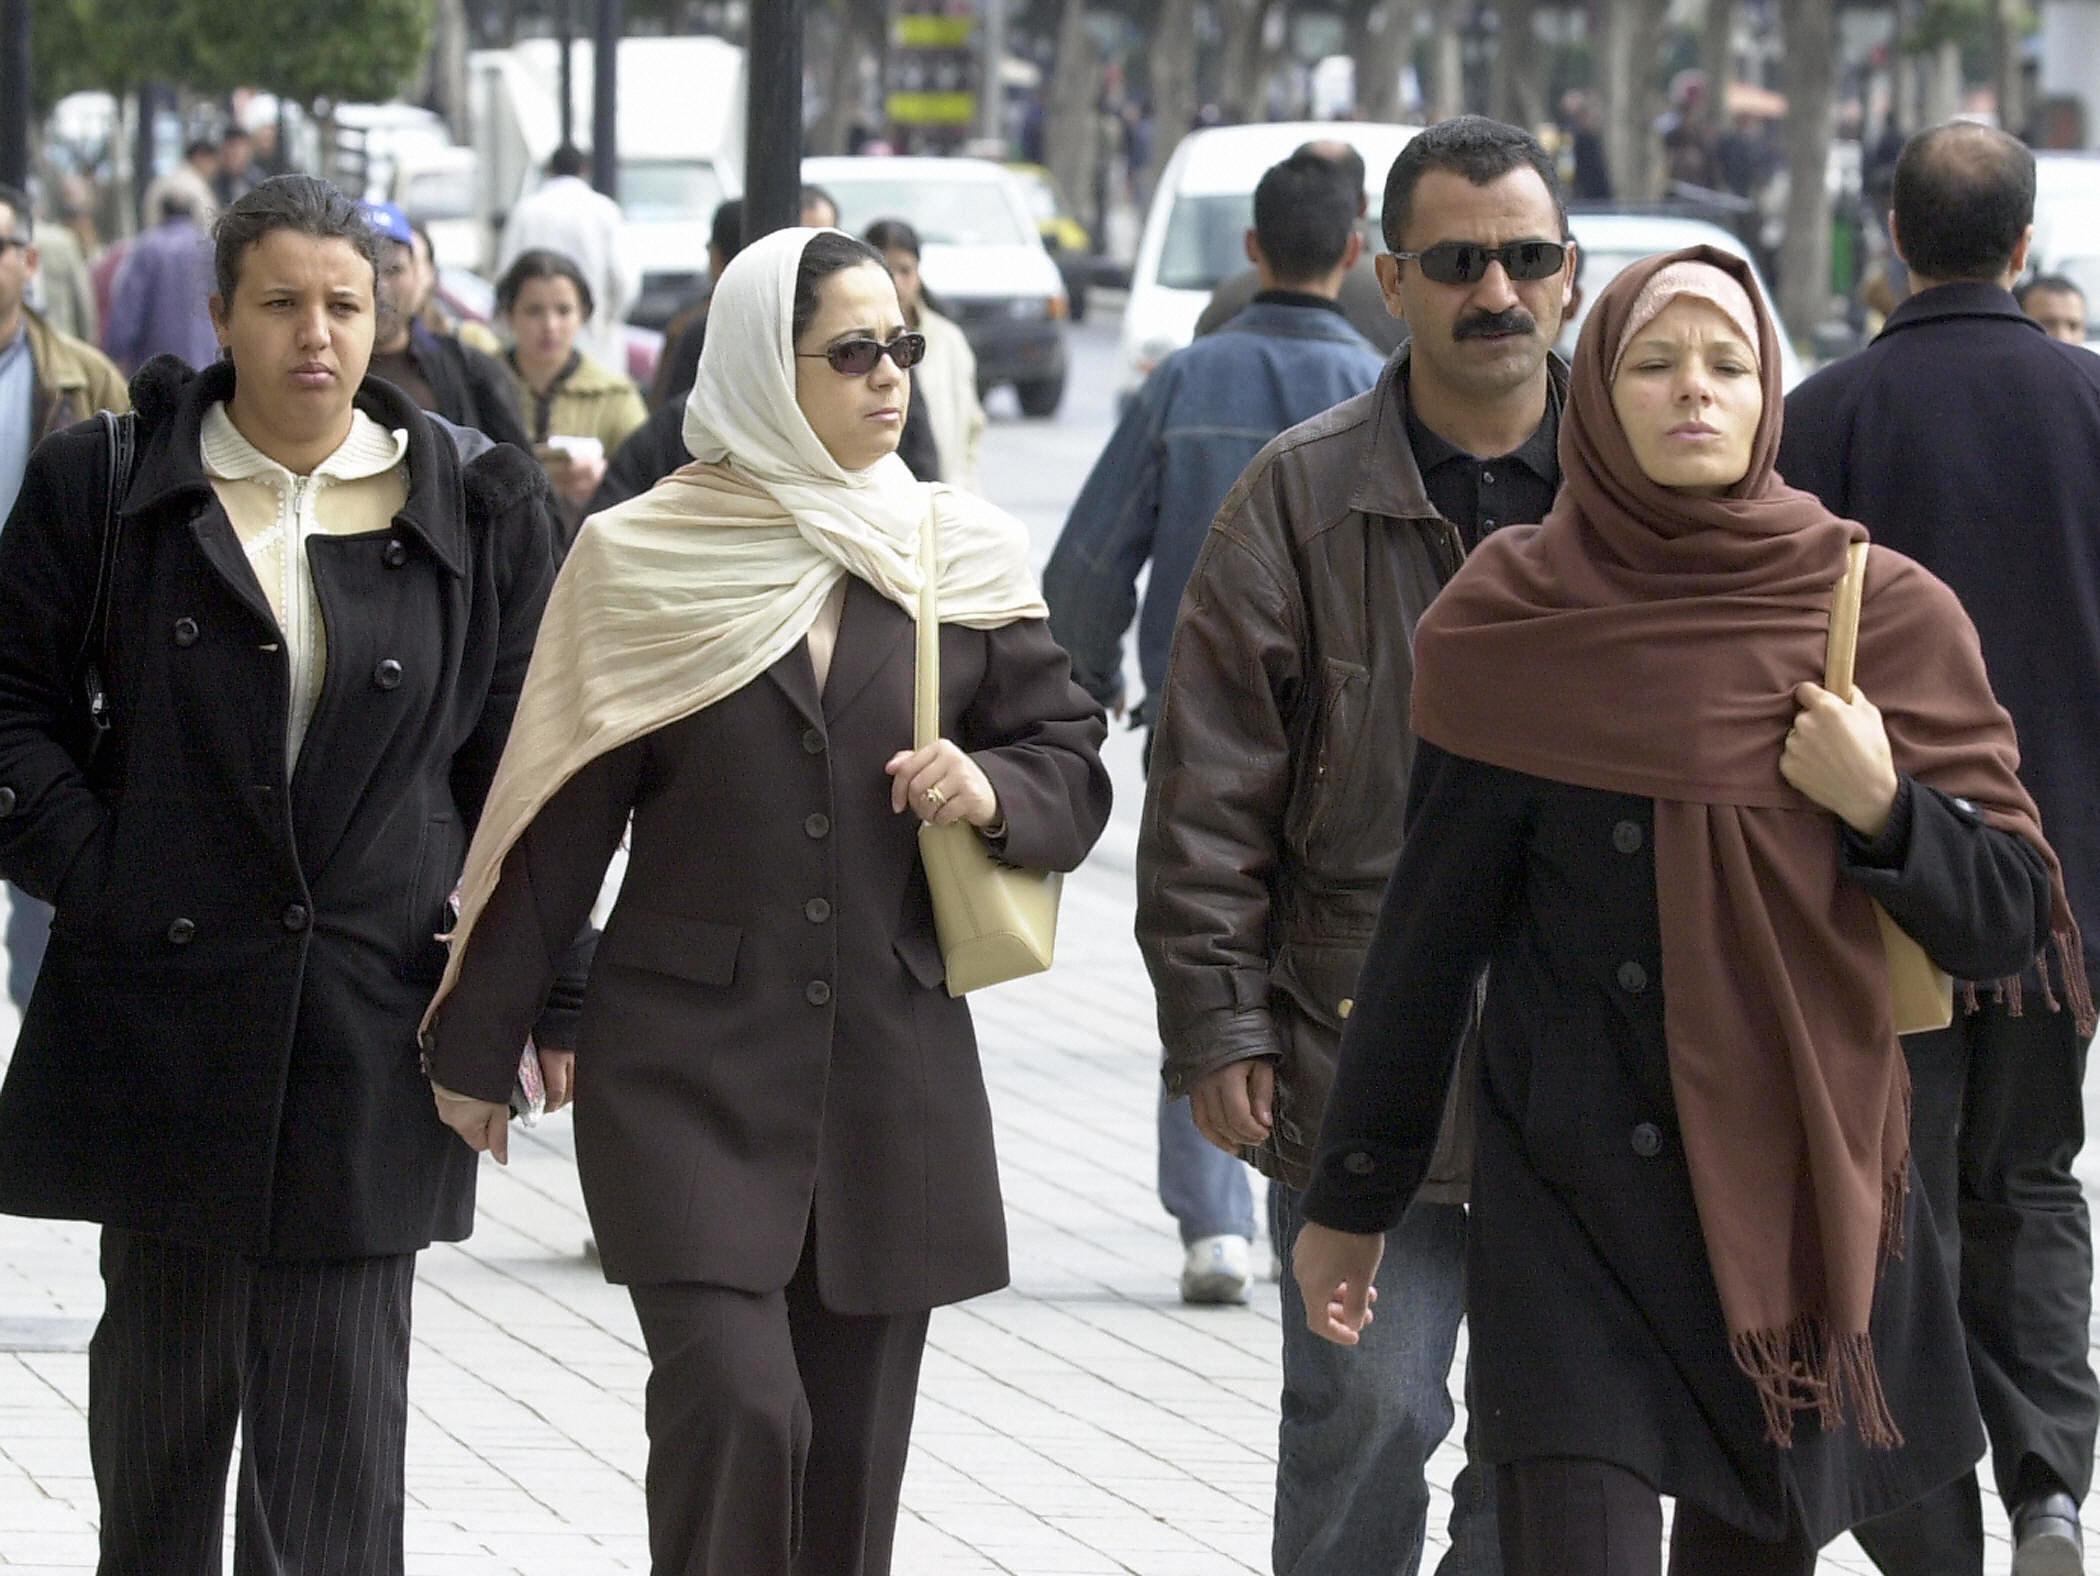 La perception des Tunisiens envers la sécurité, la liberté et la gouvernance locale en Tunisie: Les chiffres à